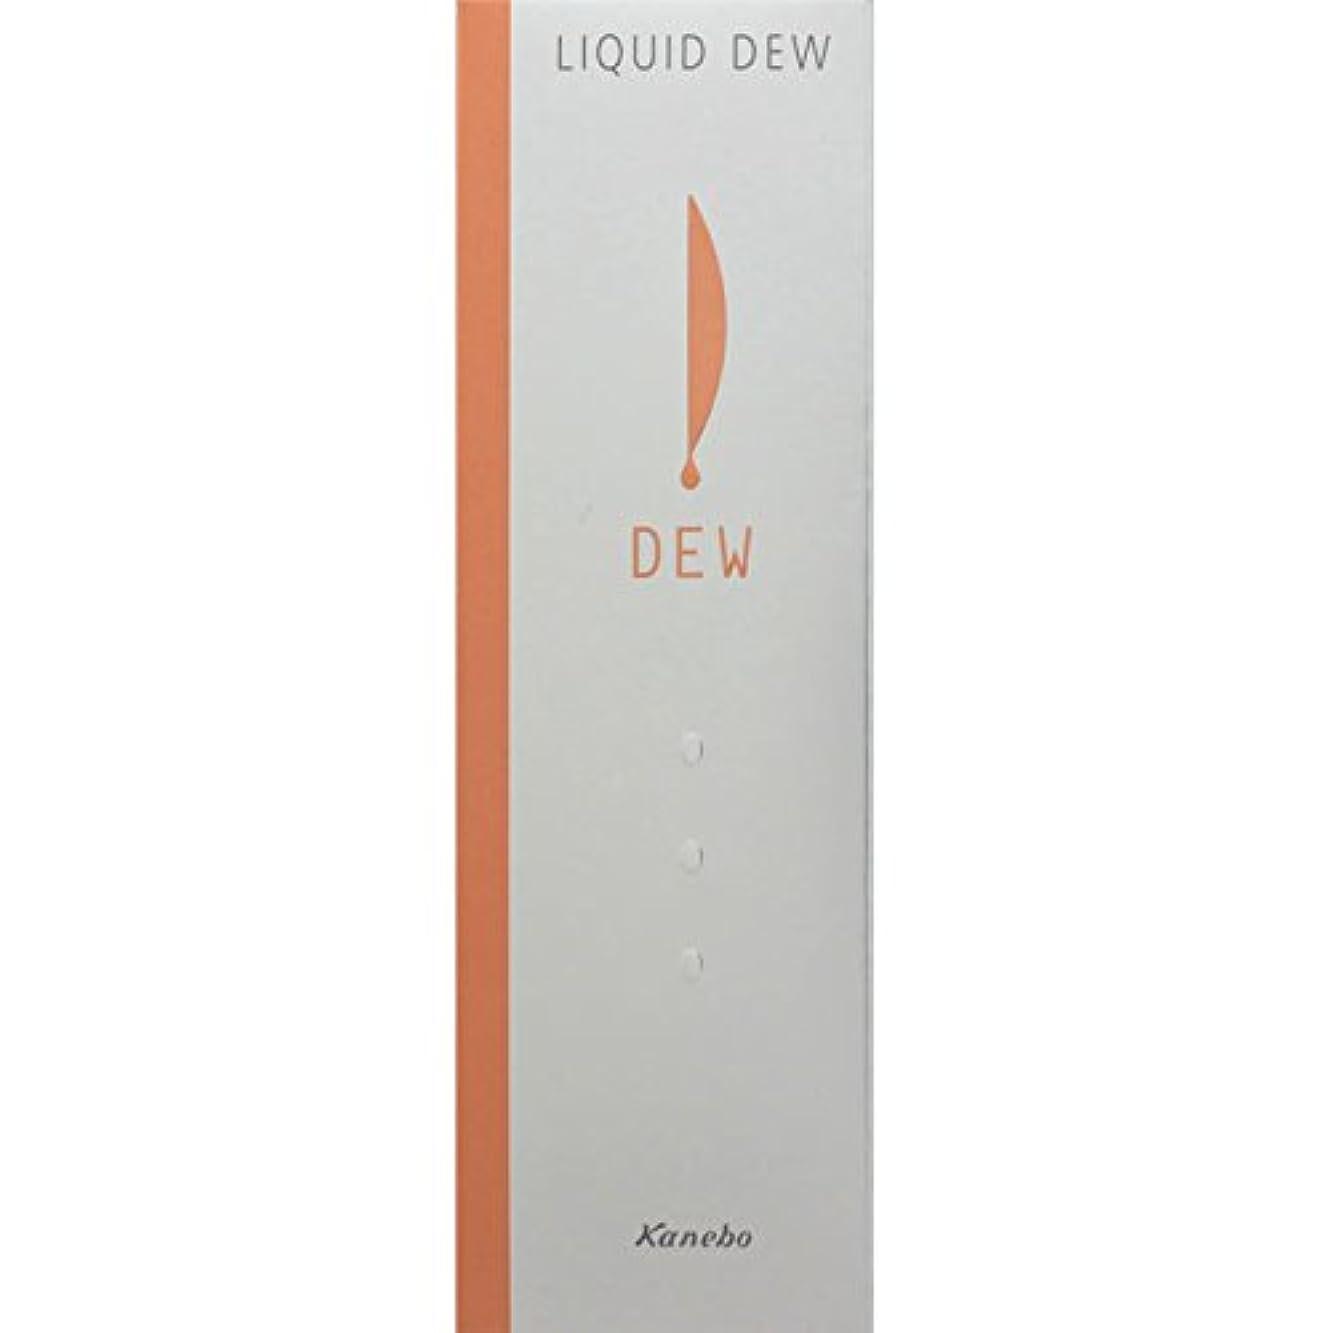 気絶させるひらめき名義でカネボウ化粧品 DEW リクイドデュウ ソフトオークルA